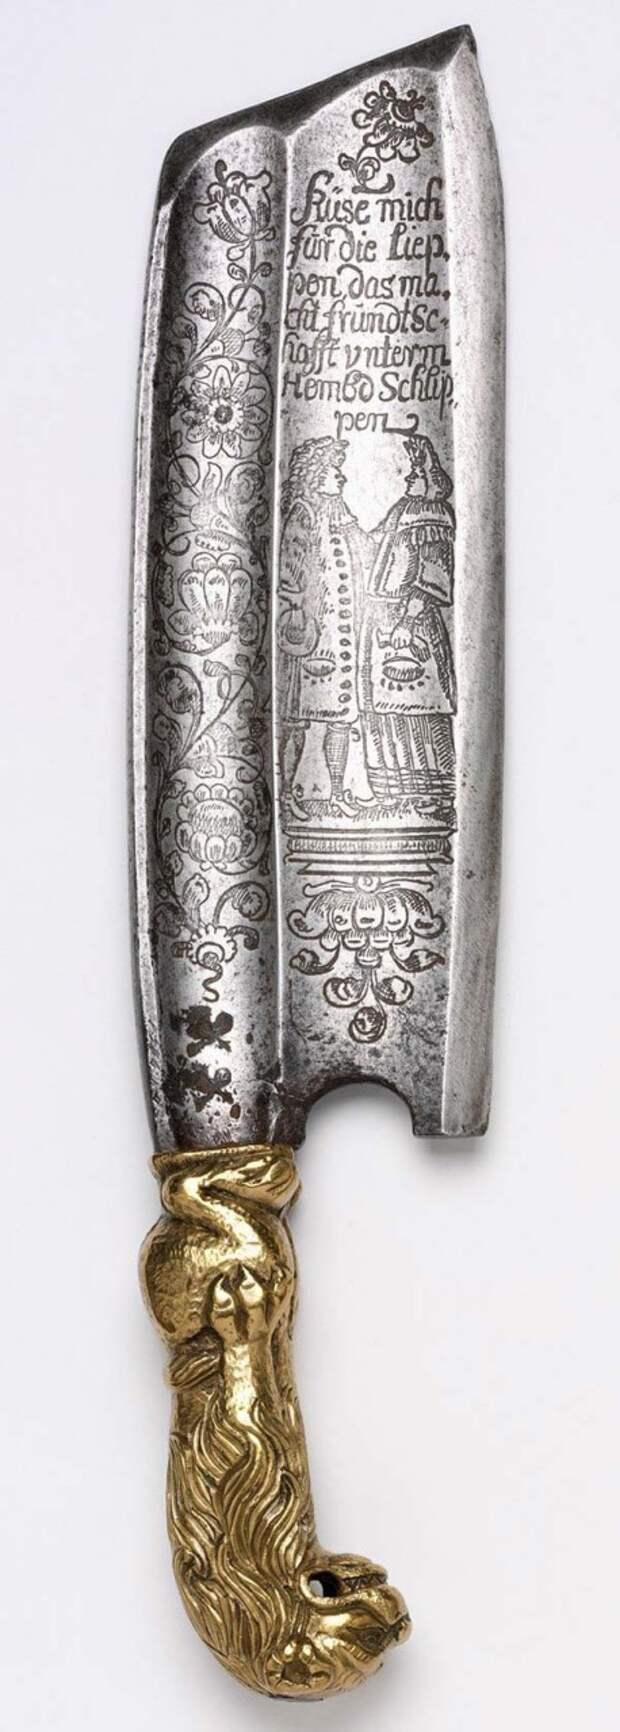 7. Нож бондаря. Сталь, латунь. Германия, 1702 год. искусство, история, факты